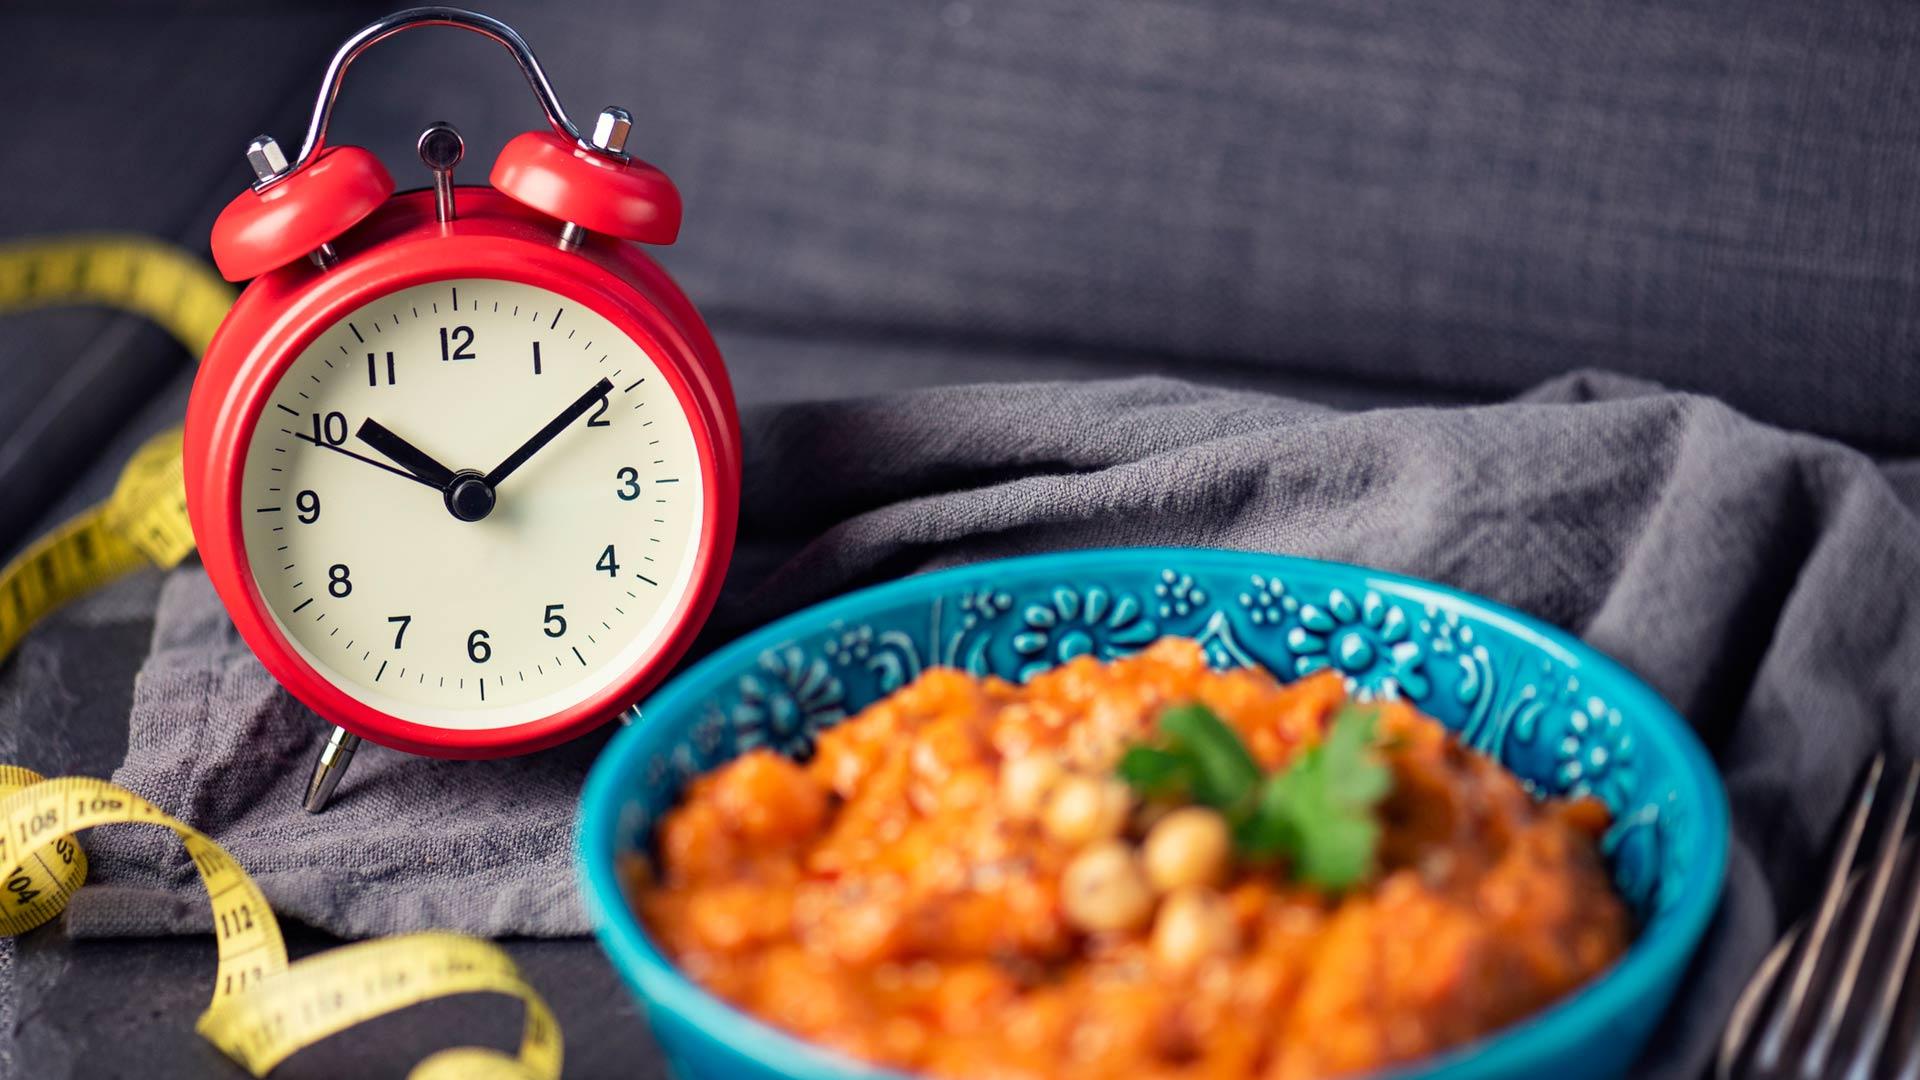 Liian kevyellä lounaalla verensokeri ei pysy tasaisena, ja päivällisaikaan nälkäisenä ja väsyneenä tulee syötyä liikaa.